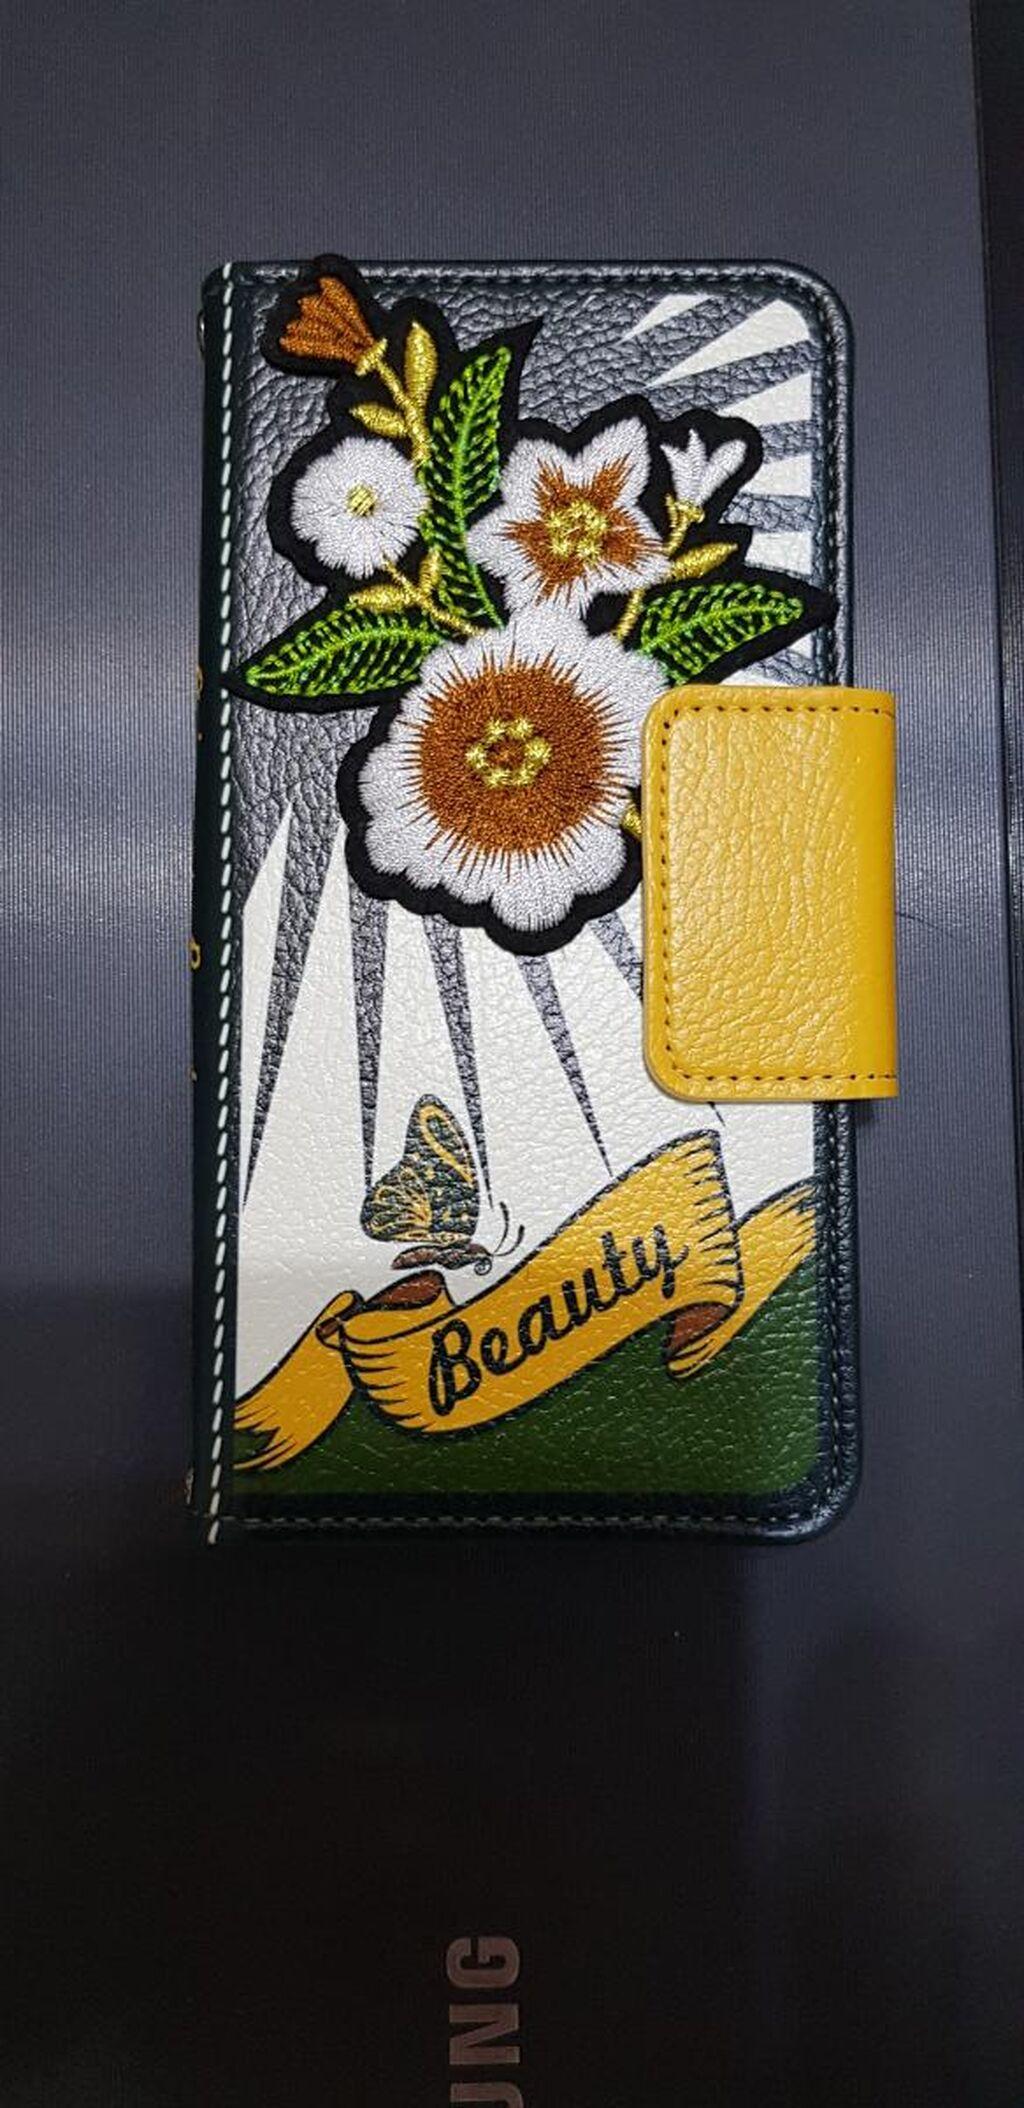 Продается новый чехол на телефон Самсунг S 8